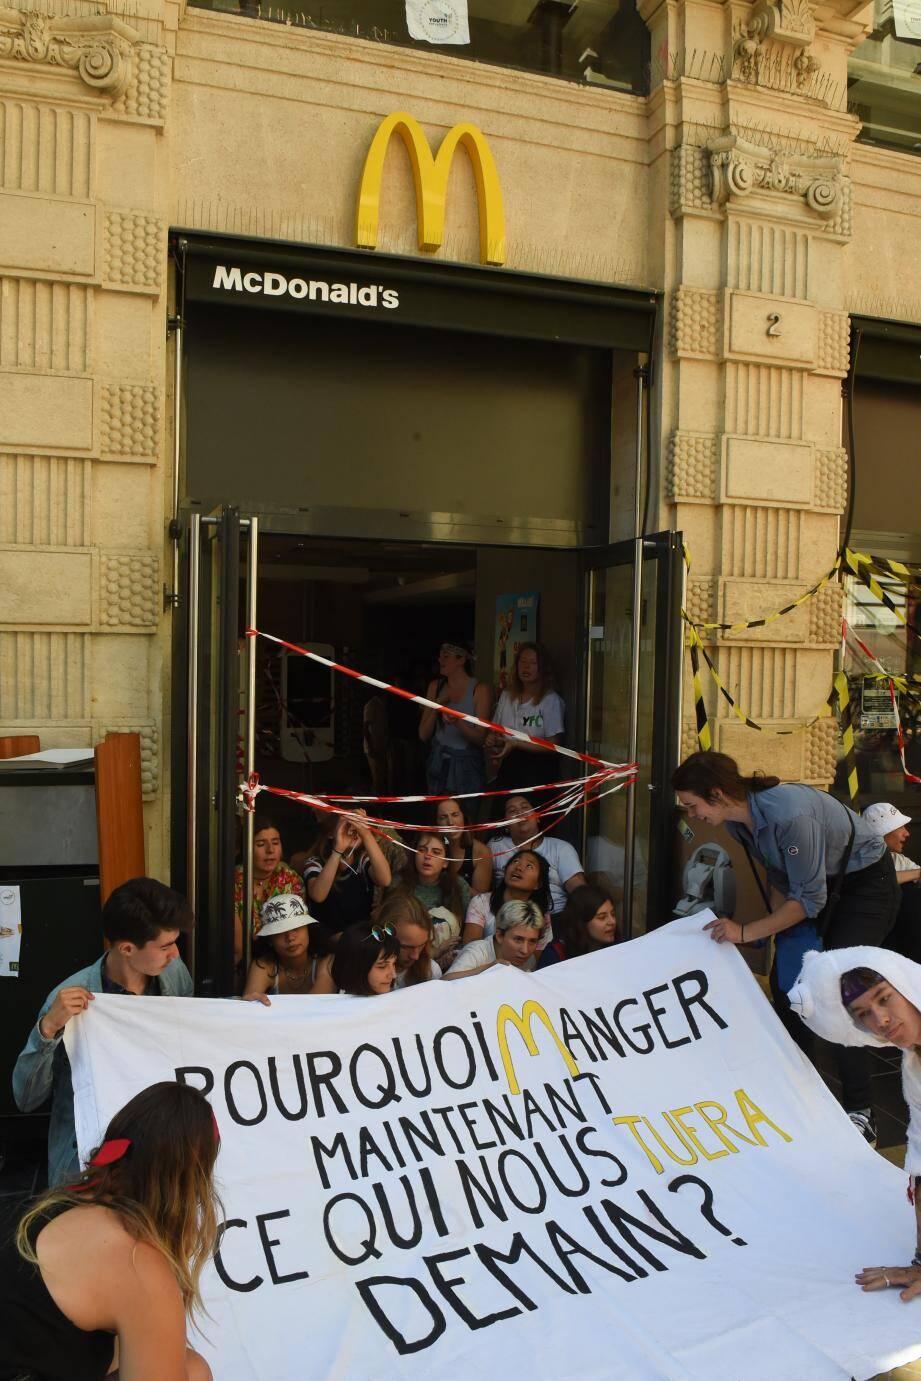 """Des dizaines de membres de Youth for Climate France ont bloqué toute la journée dimanche un restaurant McDonald's à Bordeaux pour dénoncer ce """"symbole de la surconsommation, du gaspillage et de l'élevage intensif"""", une action coïncidant avec les assises nationales de ce mouvement écologiste."""